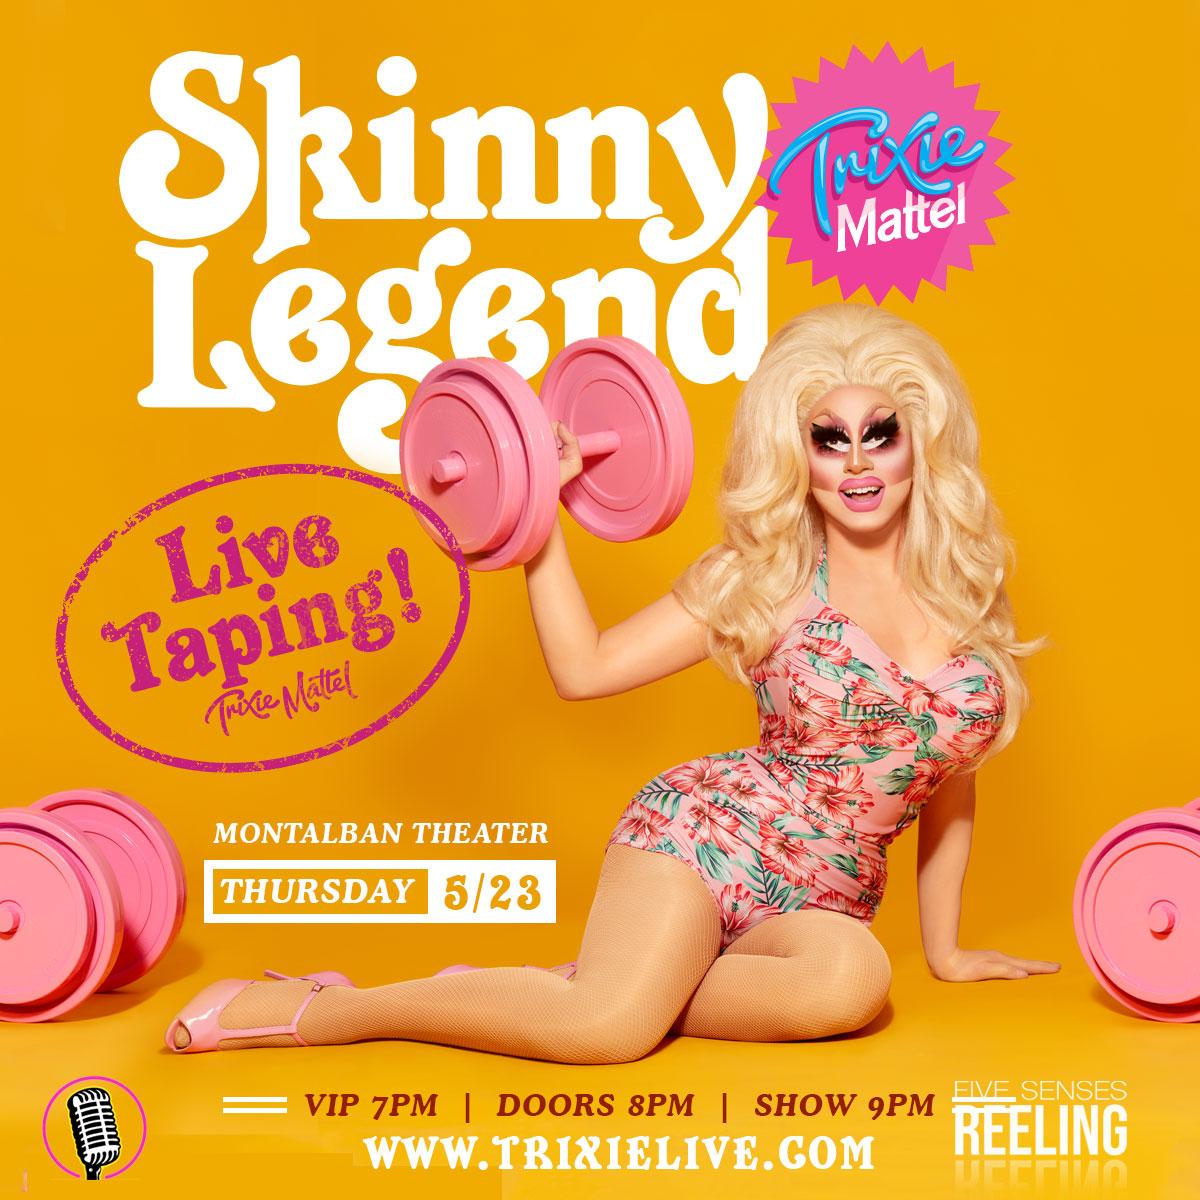 Skinny-Legend-5.23-Square-Live-Taping-FULL.jpg